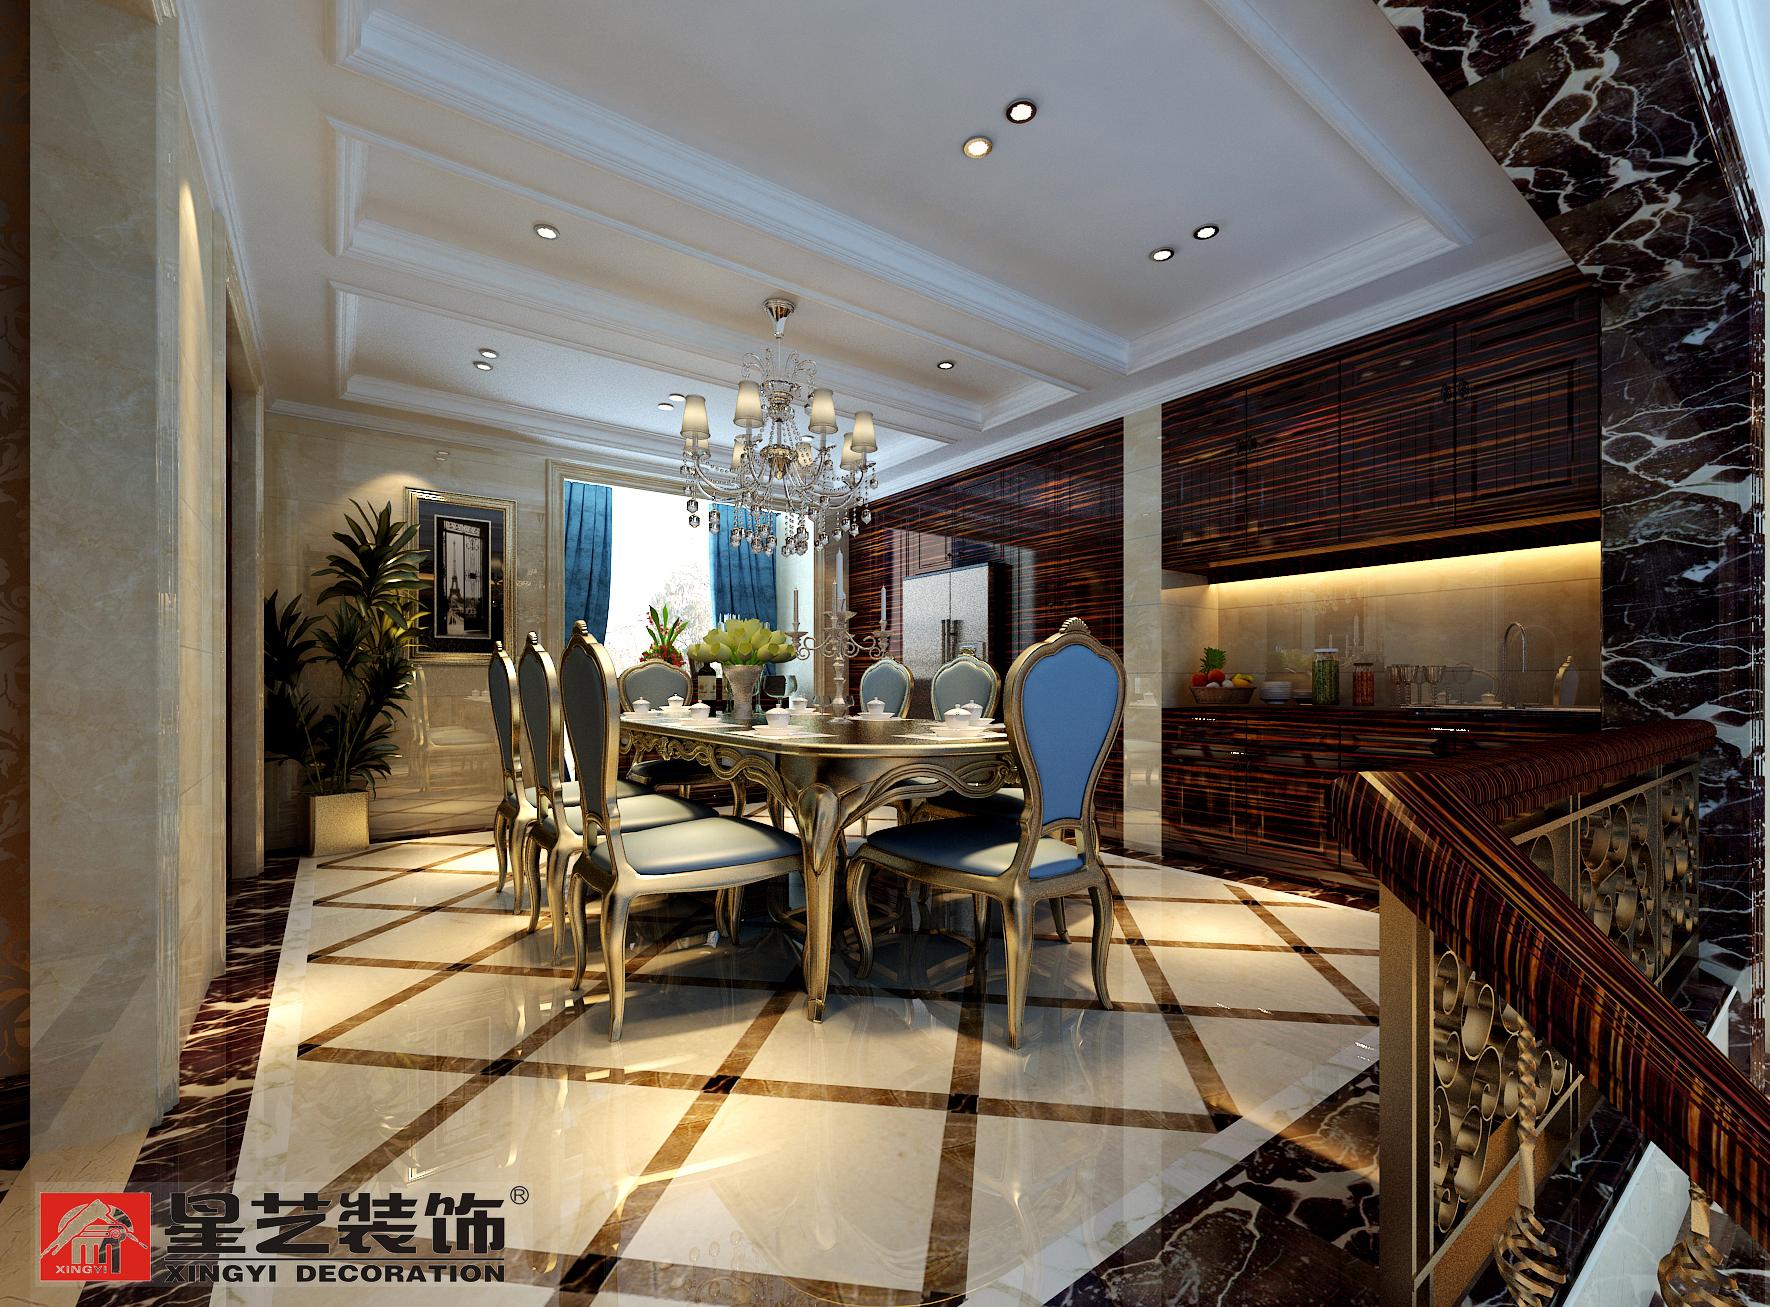 别墅 中式 星艺装饰 餐厅图片来自星艺装饰在贵州在星艺装饰·别墅设计的分享